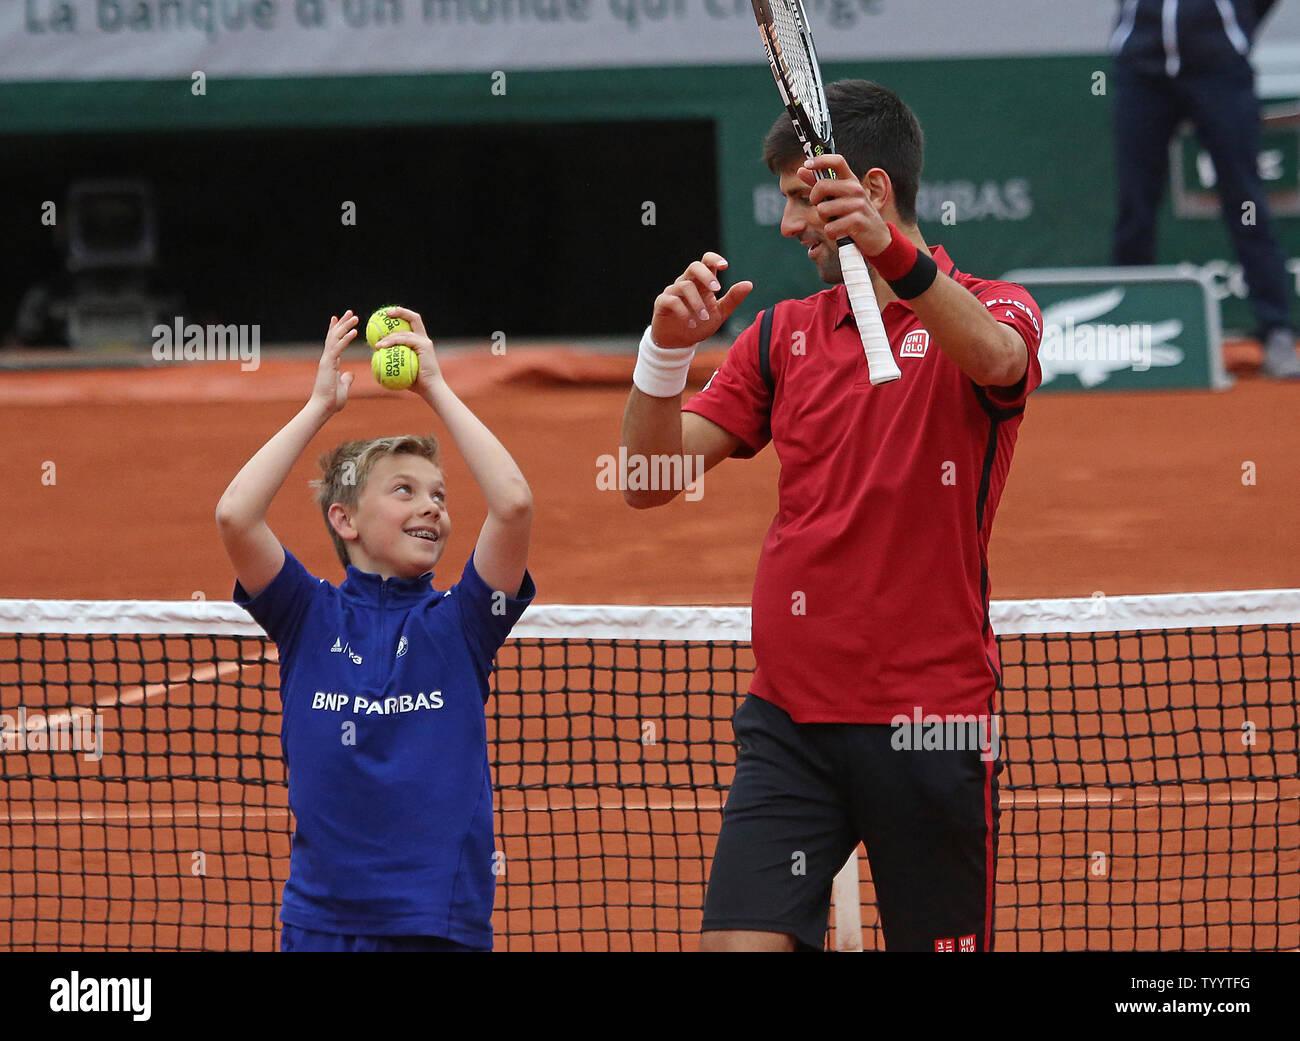 ELBOW 2011 STARTIMES TÉLÉCHARGER TENNIS